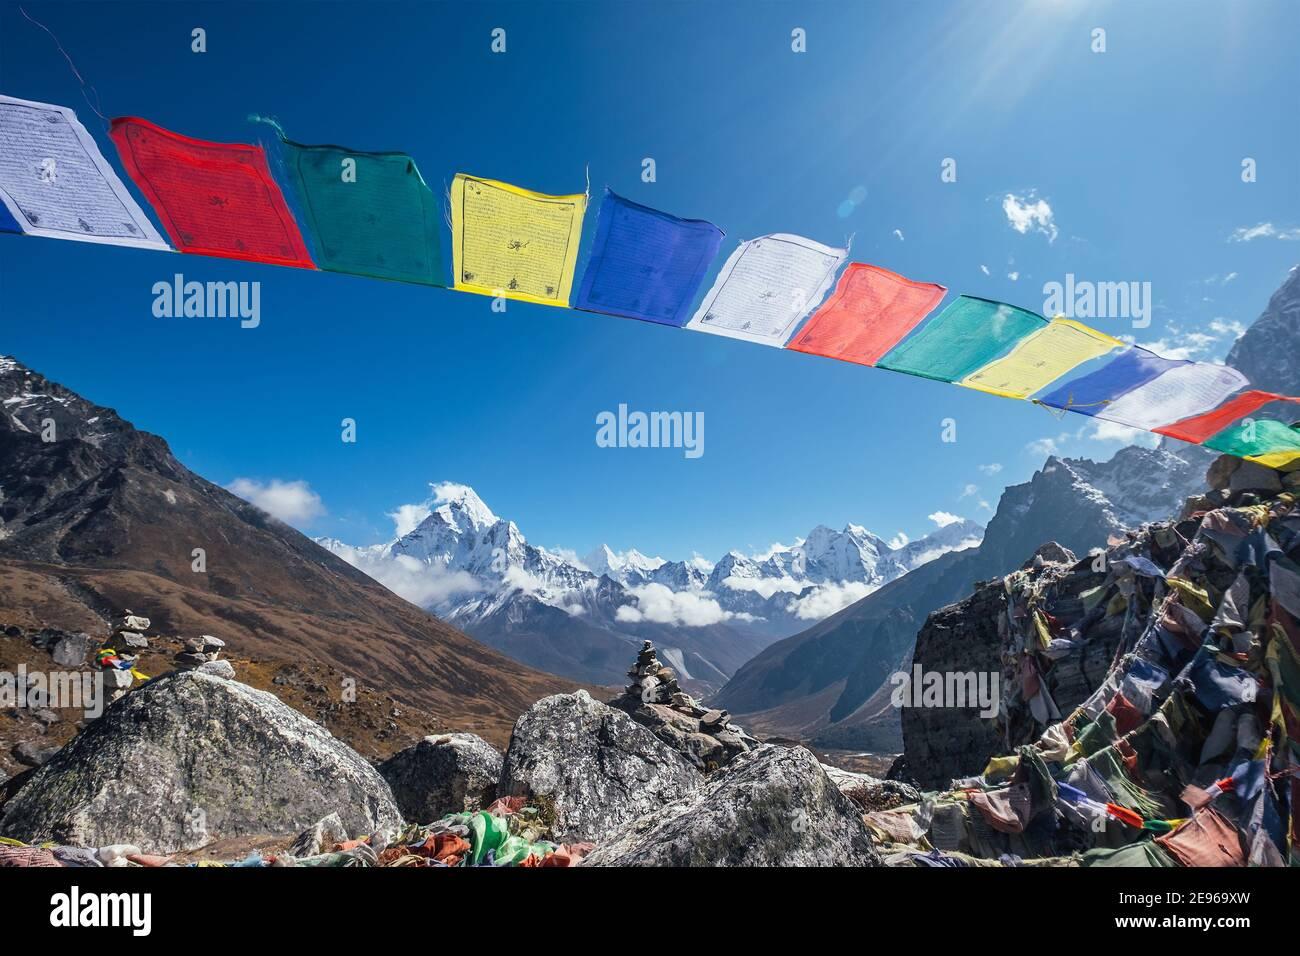 Heilige buddhist beten bunten Fahnen mit Mantras flattern und winken Bei starkem Wind mit Talblick und Ama Dablam 6812m Peak.Everest Base C Stockfoto